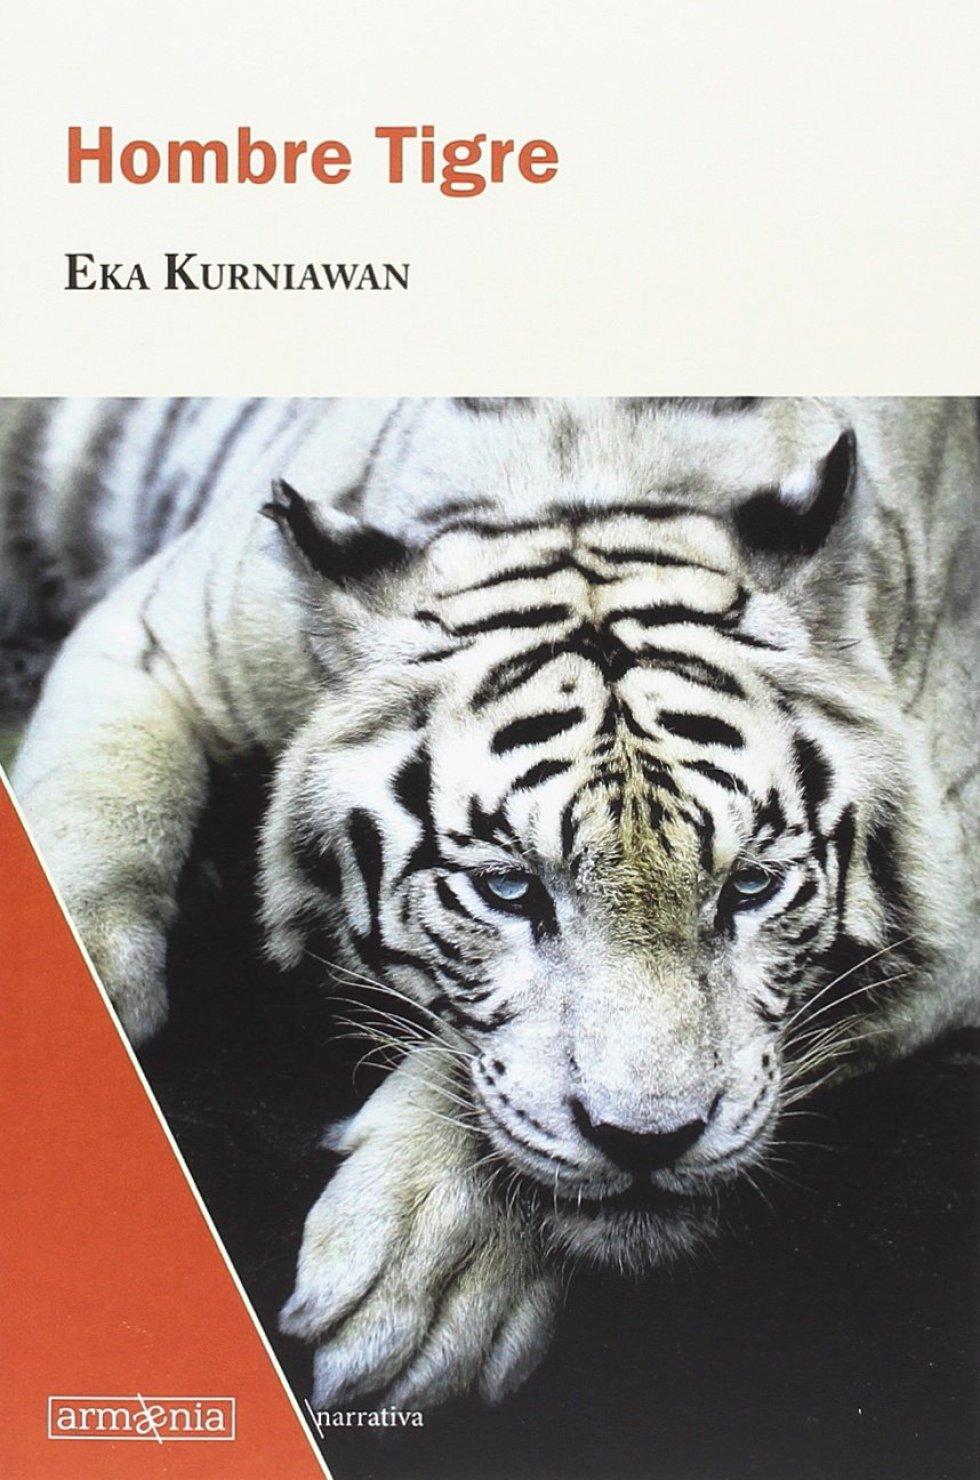 ¿Quién no tiene tigres en su cabeza o en su corazón? Tigres rayados como los que atraían a Borges (y en cuya piel leía cifras sagradas), tigresas blancas como cisnes. Viven dentro de nosotros porque somos su cueva y porque nos necesitan como cebo para atraer a sus víctimas (¡y cuidado con dejarlos fallecer de hambre!). Eka Kurniawan (Indonesia, 1975) se atreve a convocar a uno de esos tigres y a urdir esta novela en torno a él para contarnos una historia y, quizás, sobre todo, para darle de comer seres imaginarios antes de que se ponga a devorar personas de carne y hueso.